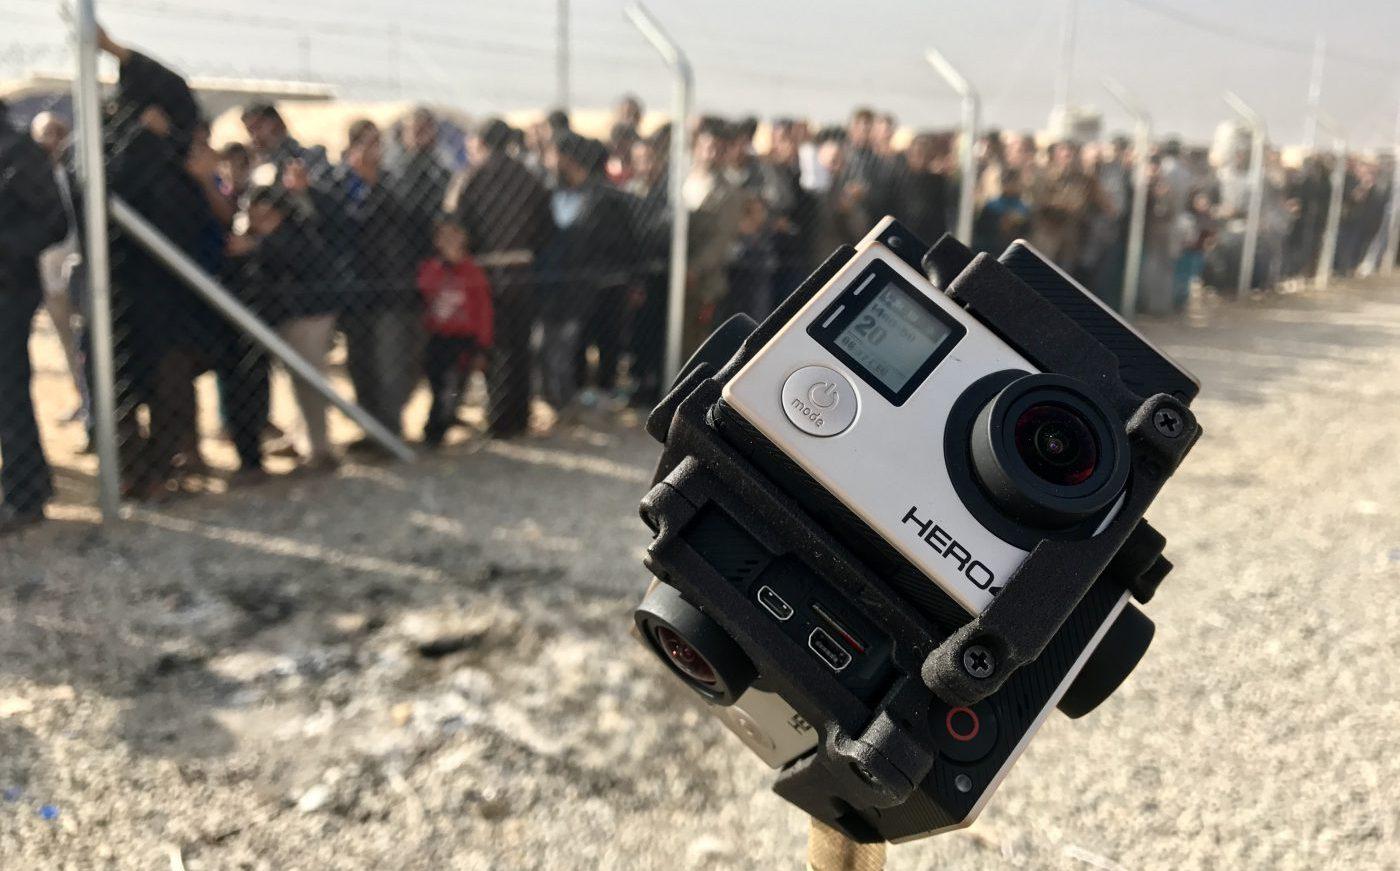 Freedom360-Kameramount aus sechs Gopro-Kameras.